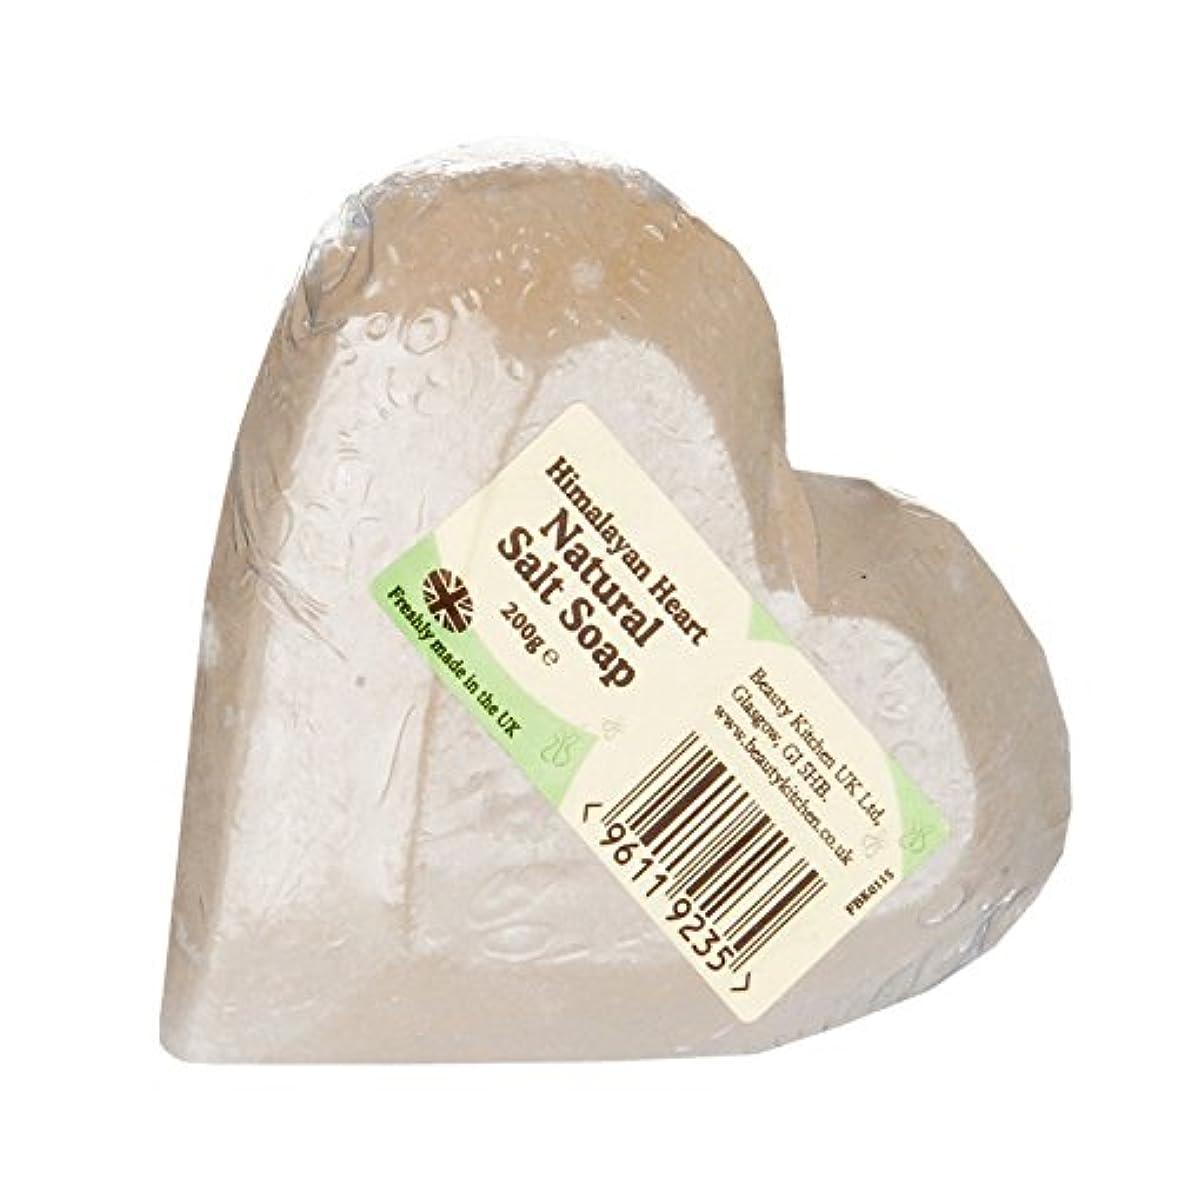 クリップベーカリー旅行代理店美容キッチンヒマラヤンハートソープ200グラム - Beauty Kitchen Himalayan Heart Soap 200g (Beauty Kitchen) [並行輸入品]